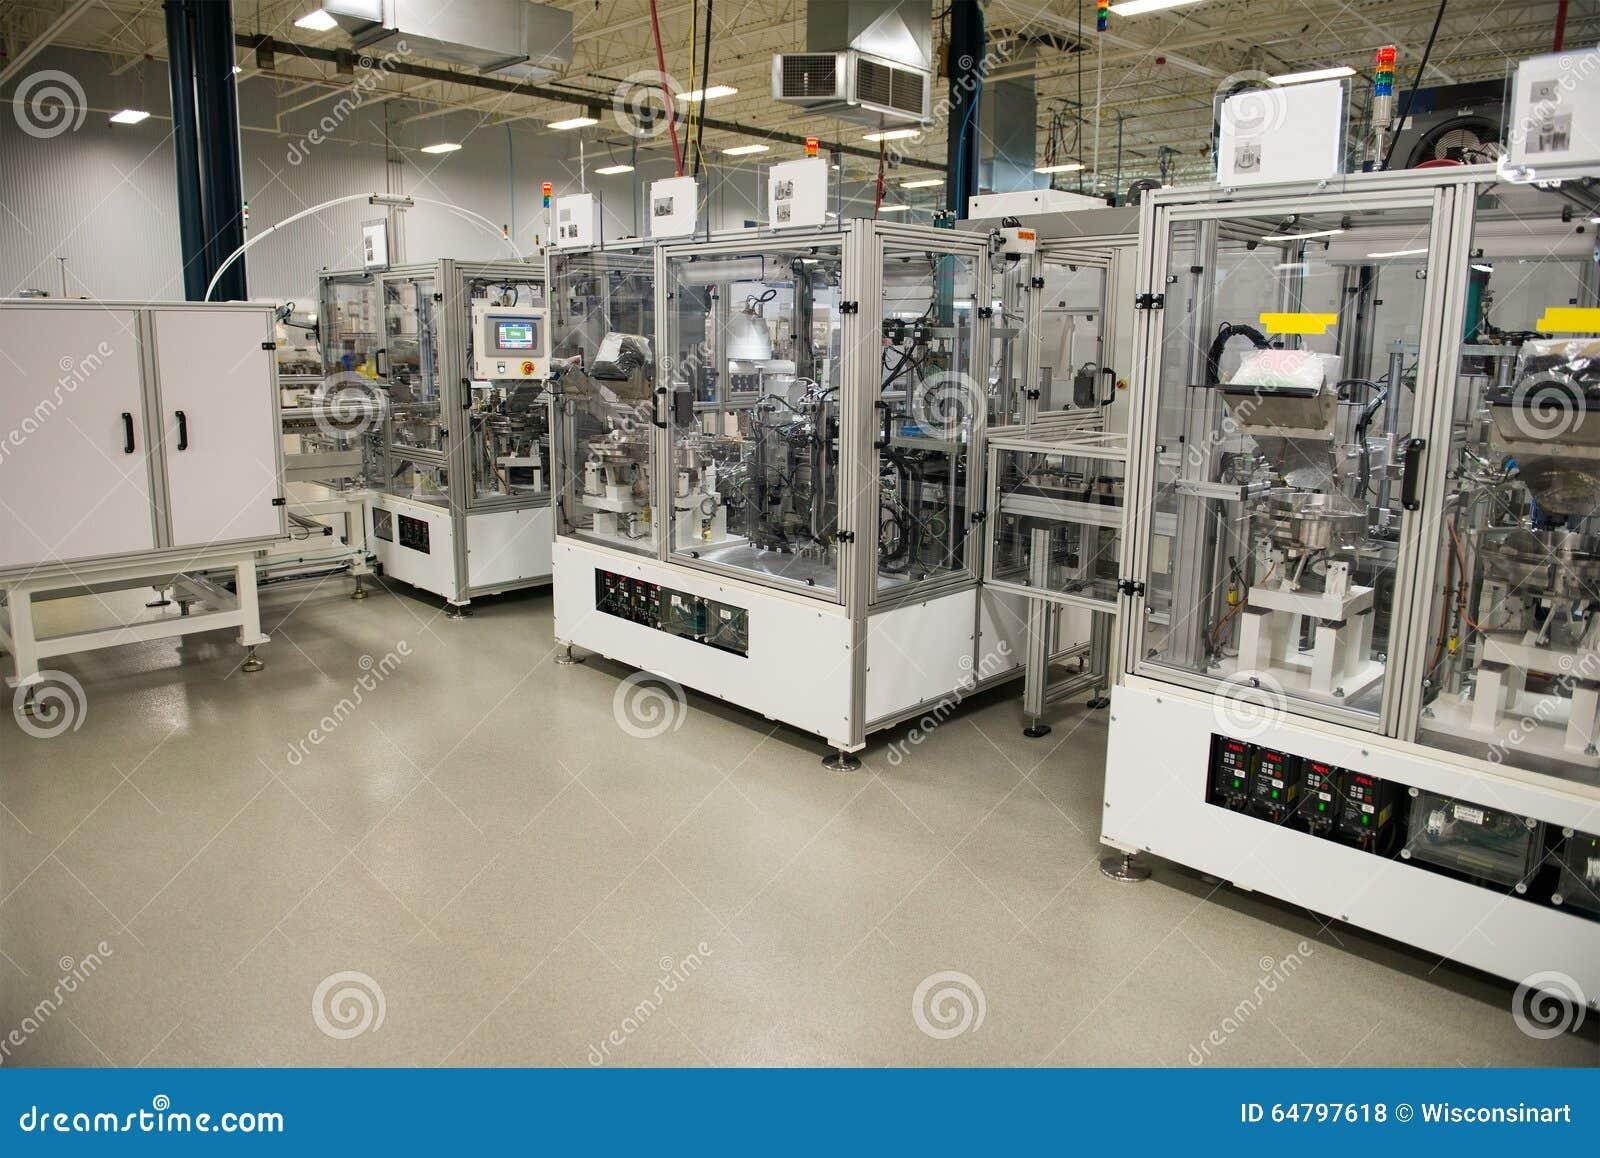 Fabbrica industriale di fabbricazione, macchine di automazione